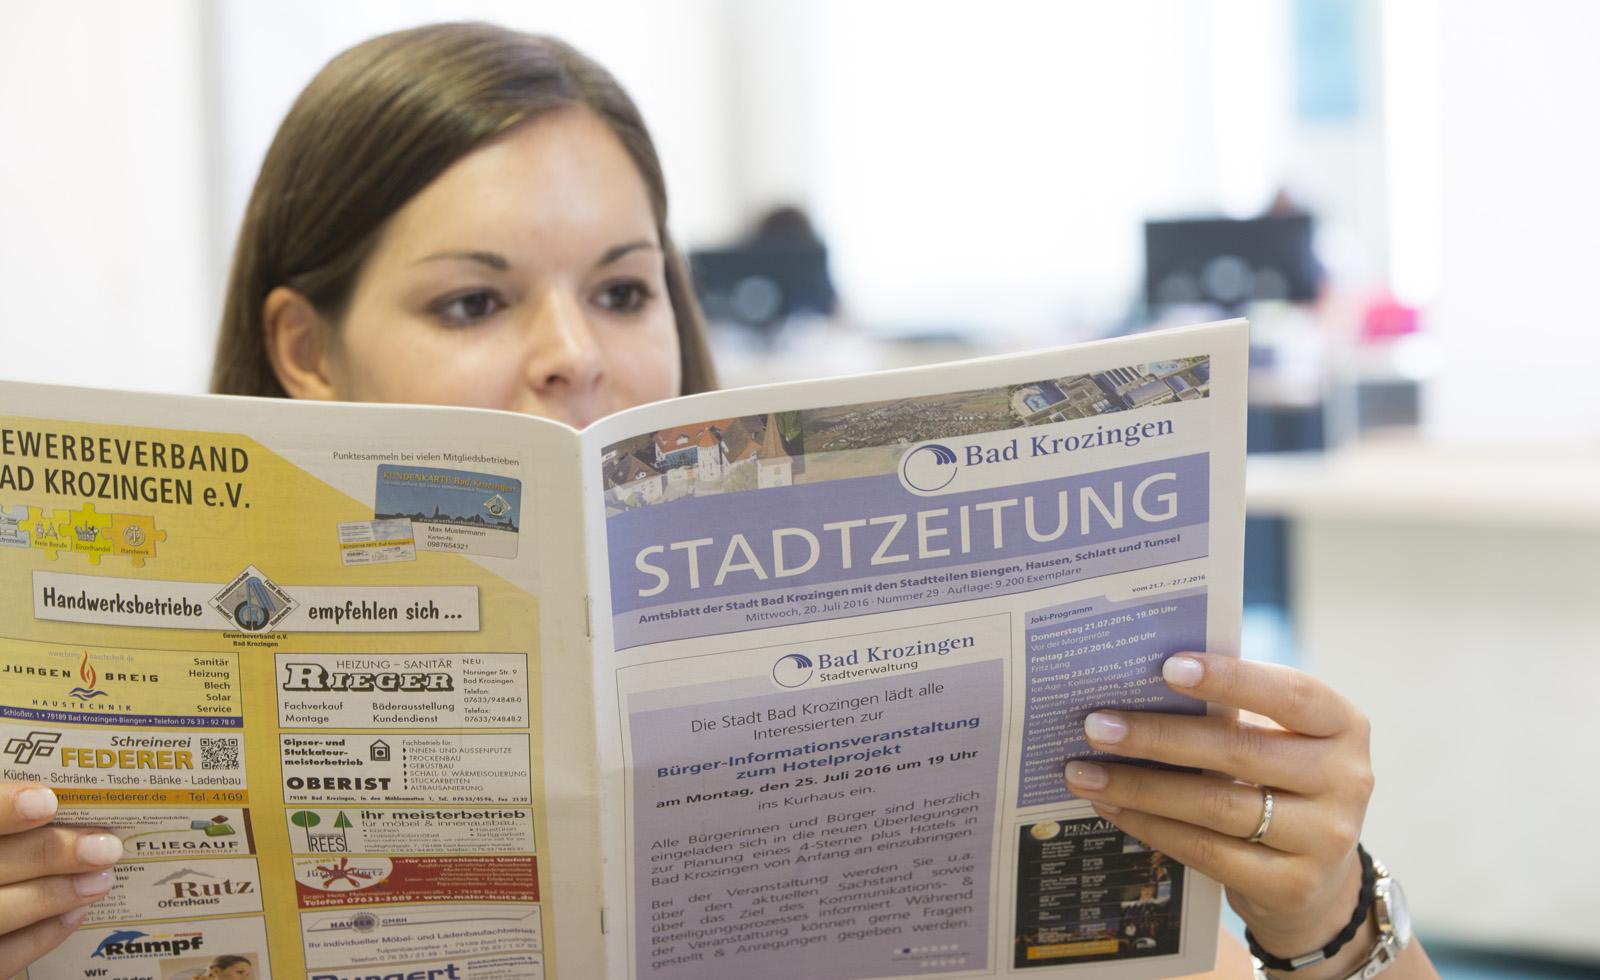 Bild von Frau mit Stadtzeitung